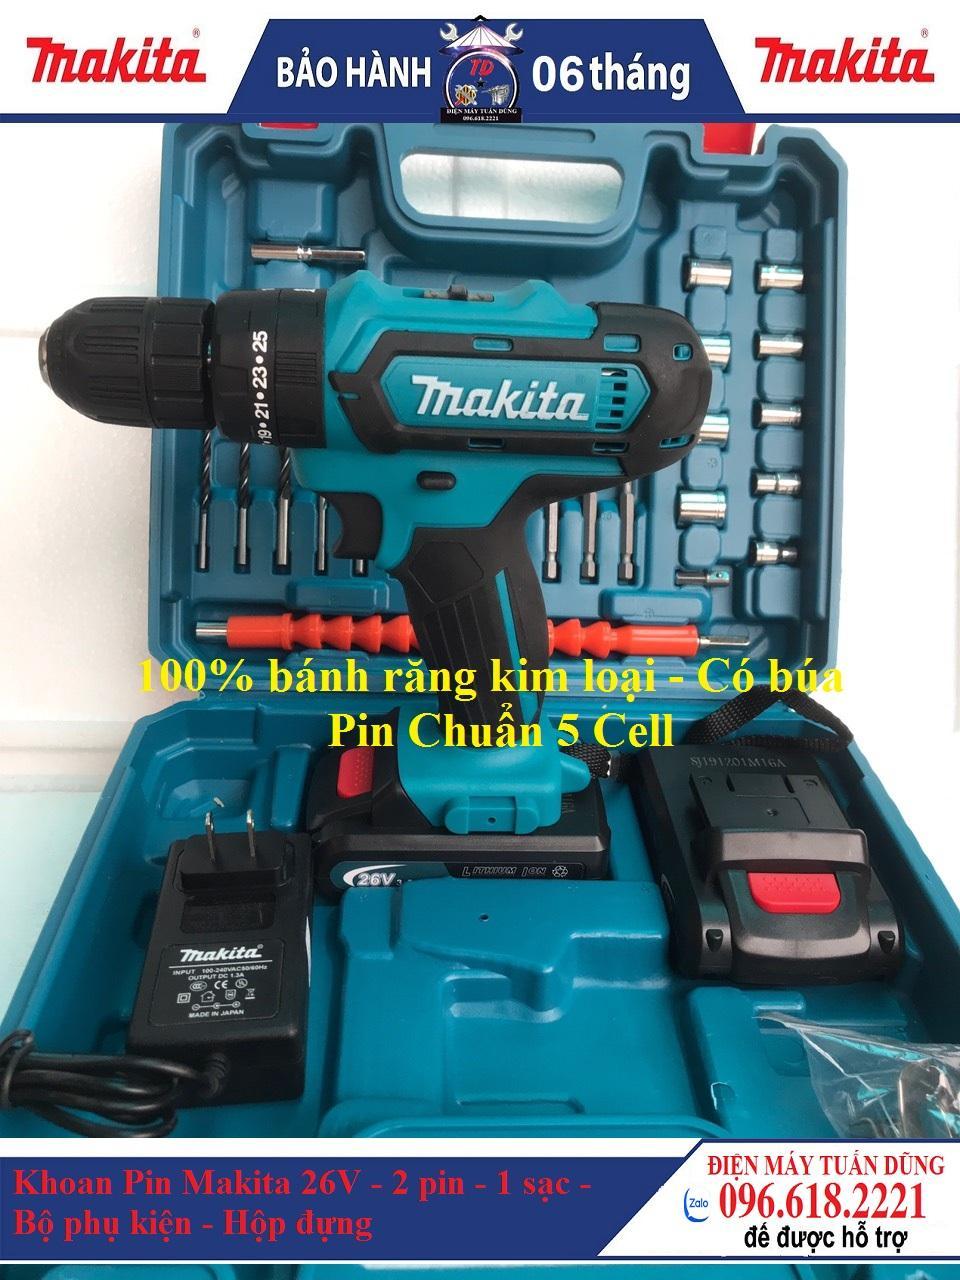 Bộ máy khoan pin Makita 26V kèm phụ kiện - Có búa - 100% bánh răng kim loại , lõi đồng - Pin chuẩn 5 Cell